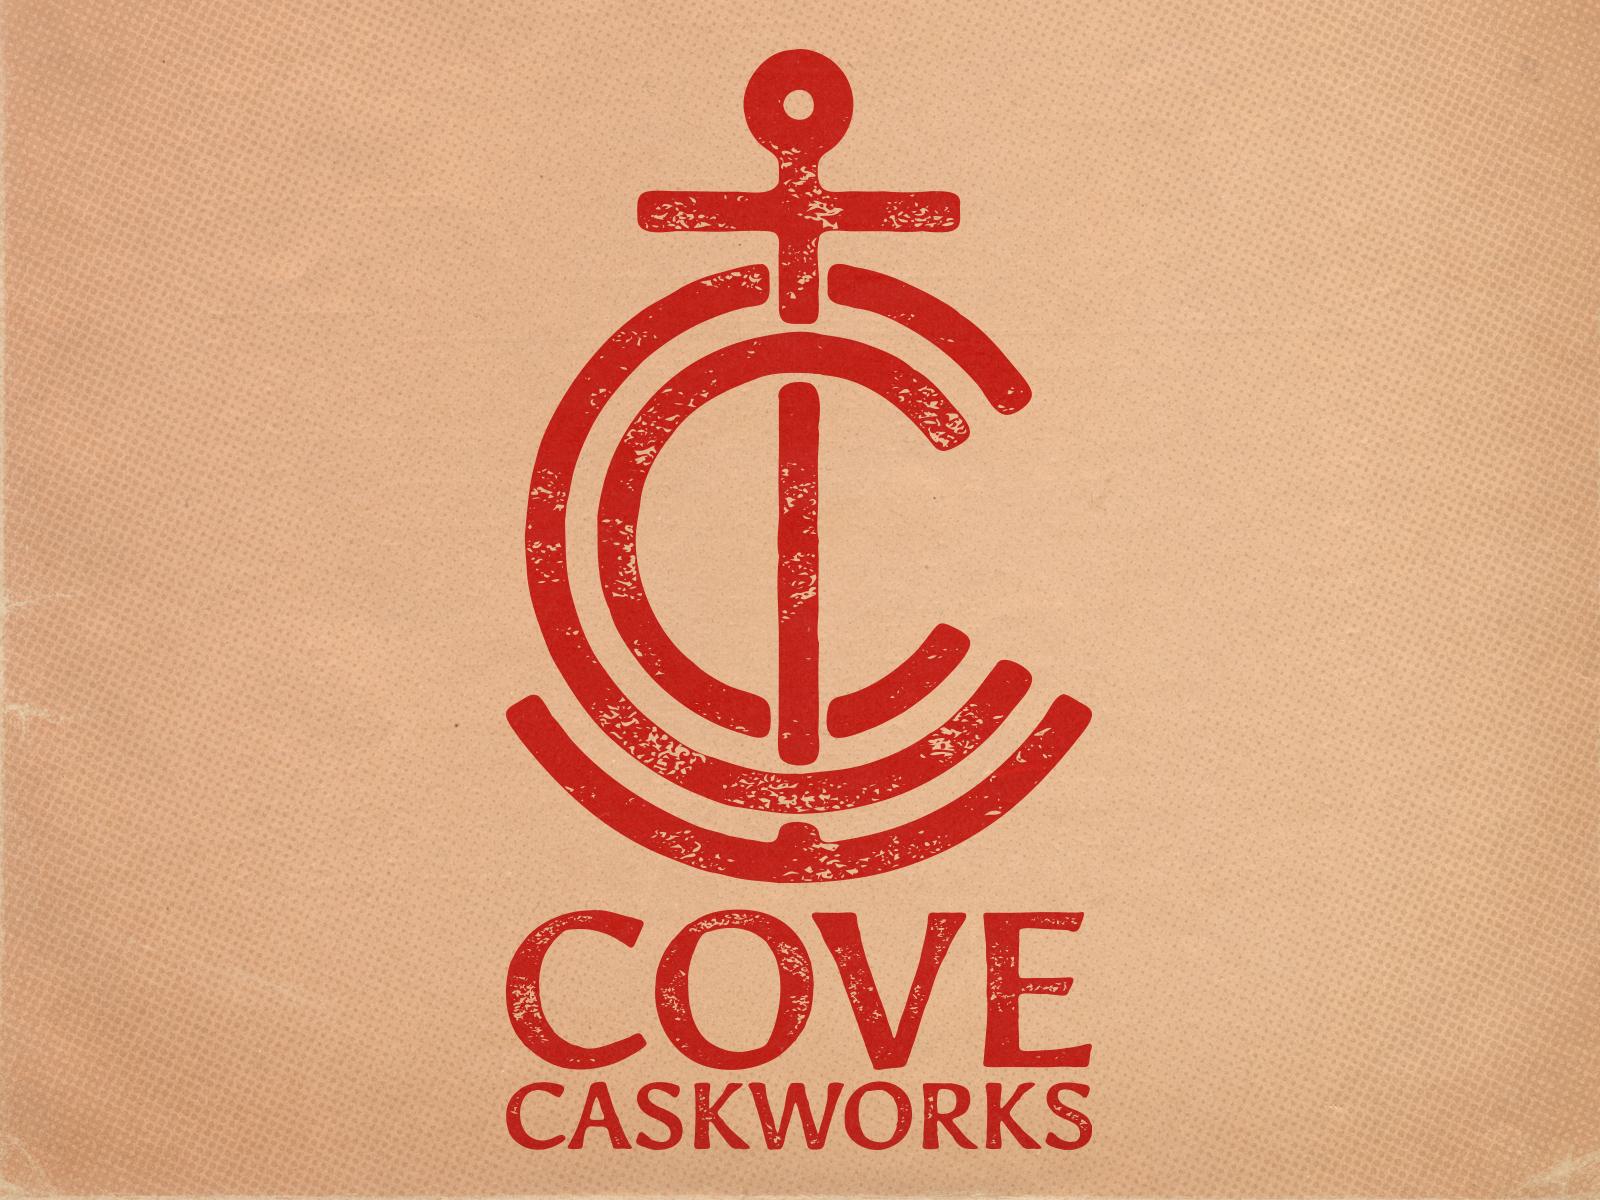 2010-02-18 – Cove – Monogram